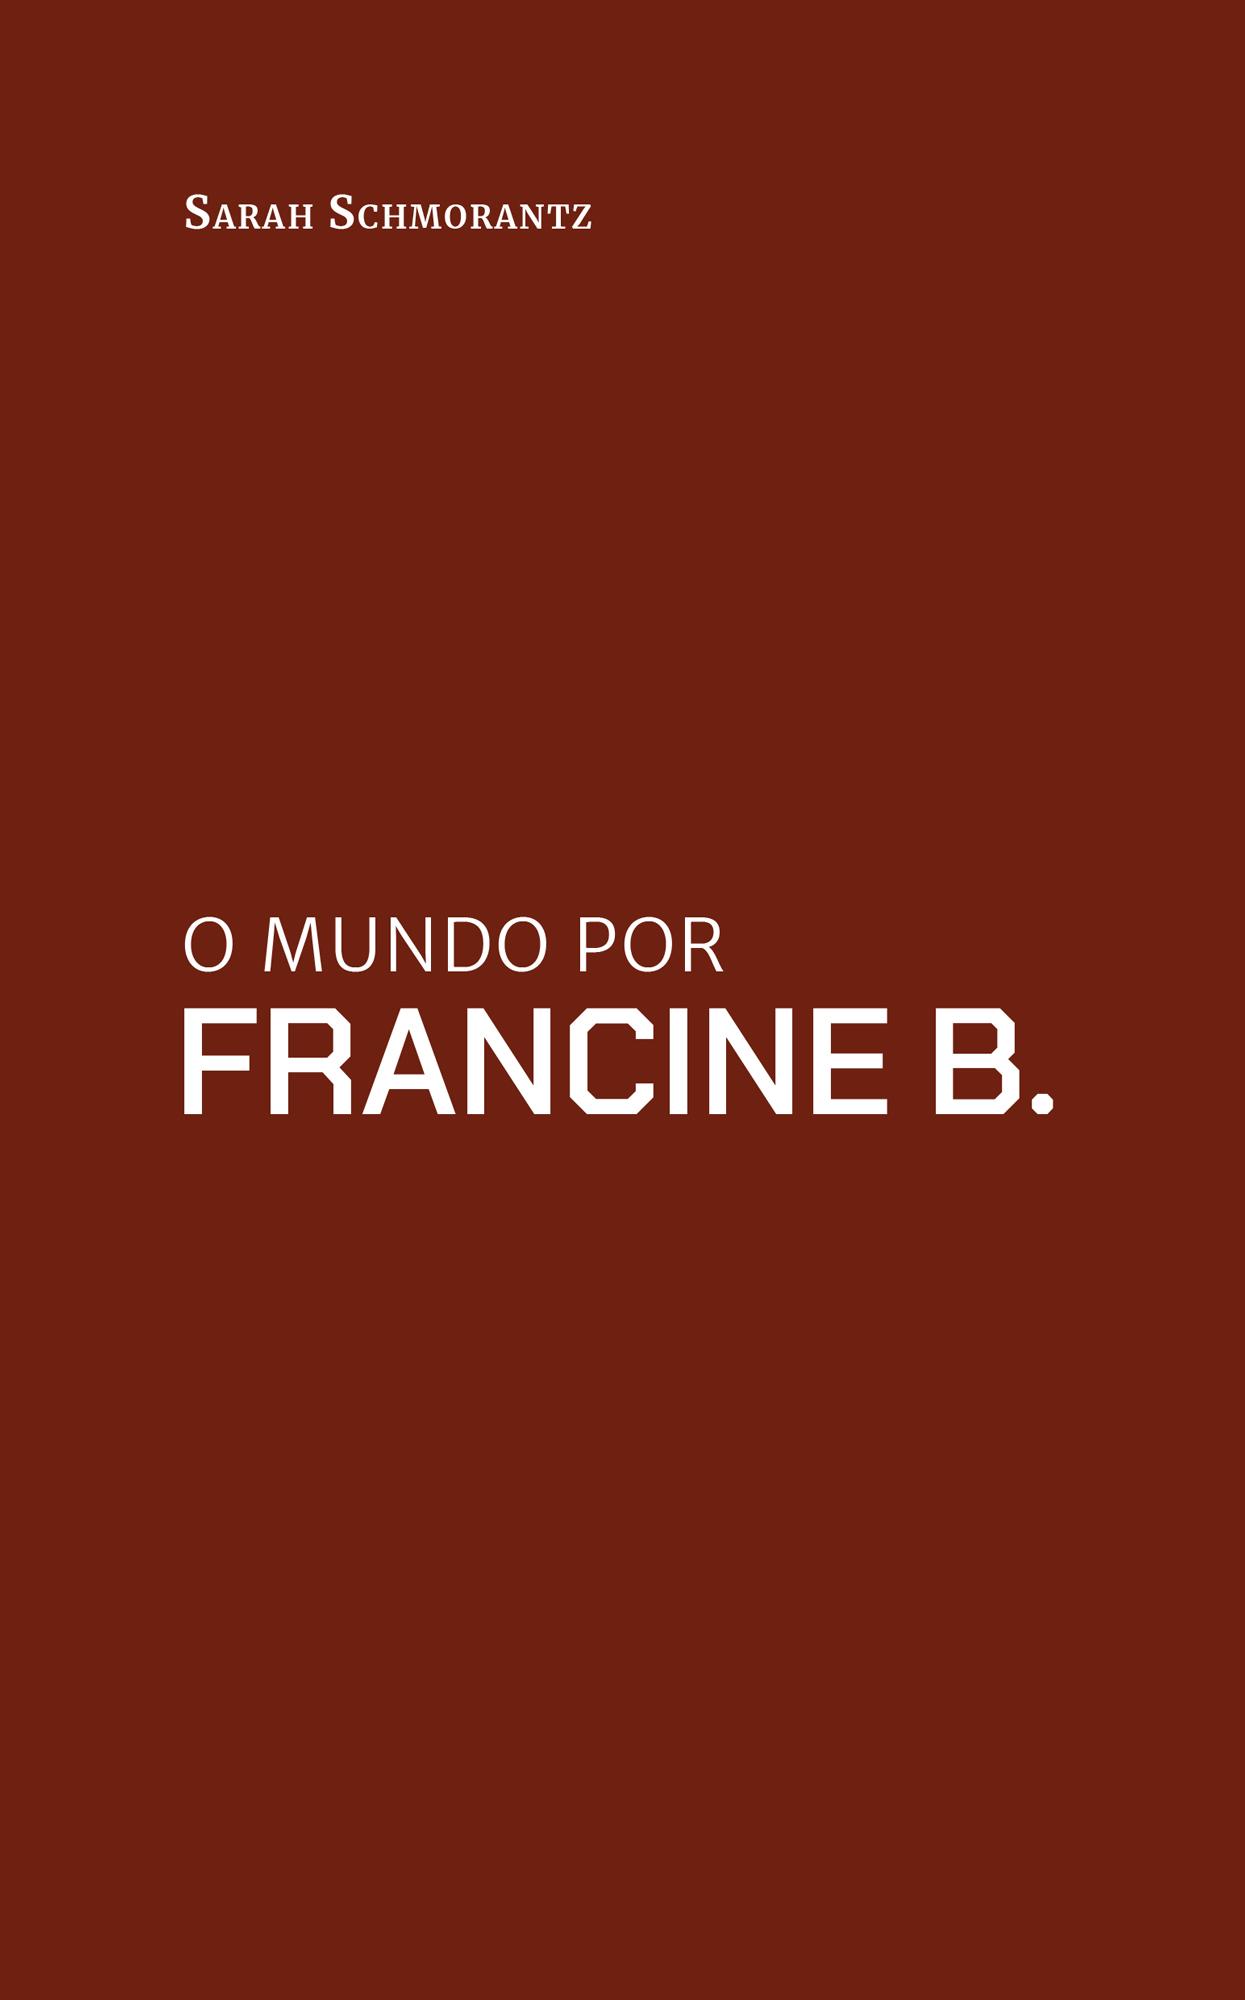 O Mundo por Francine B.